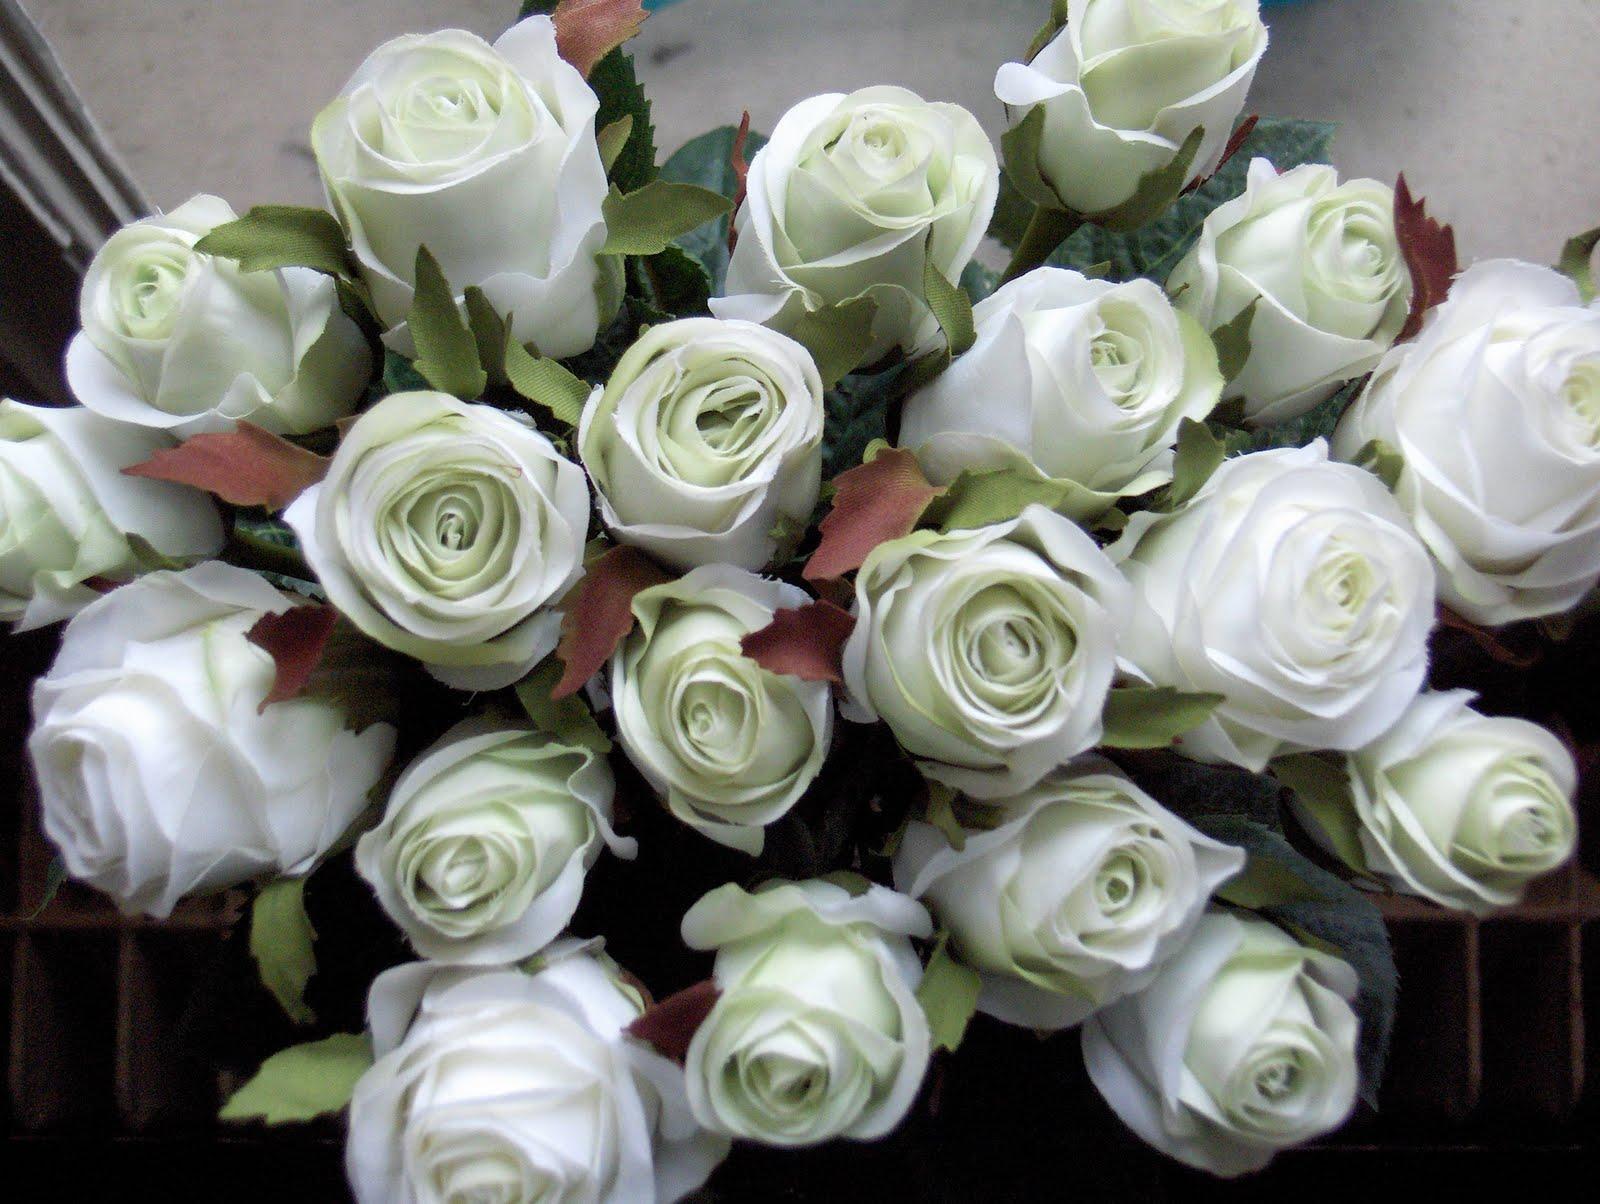 http://1.bp.blogspot.com/-HCntWZWKJJI/TkZOJYqD3tI/AAAAAAAABK8/gTJCatY3mmQ/s1600/trandafiri_albii.jpg